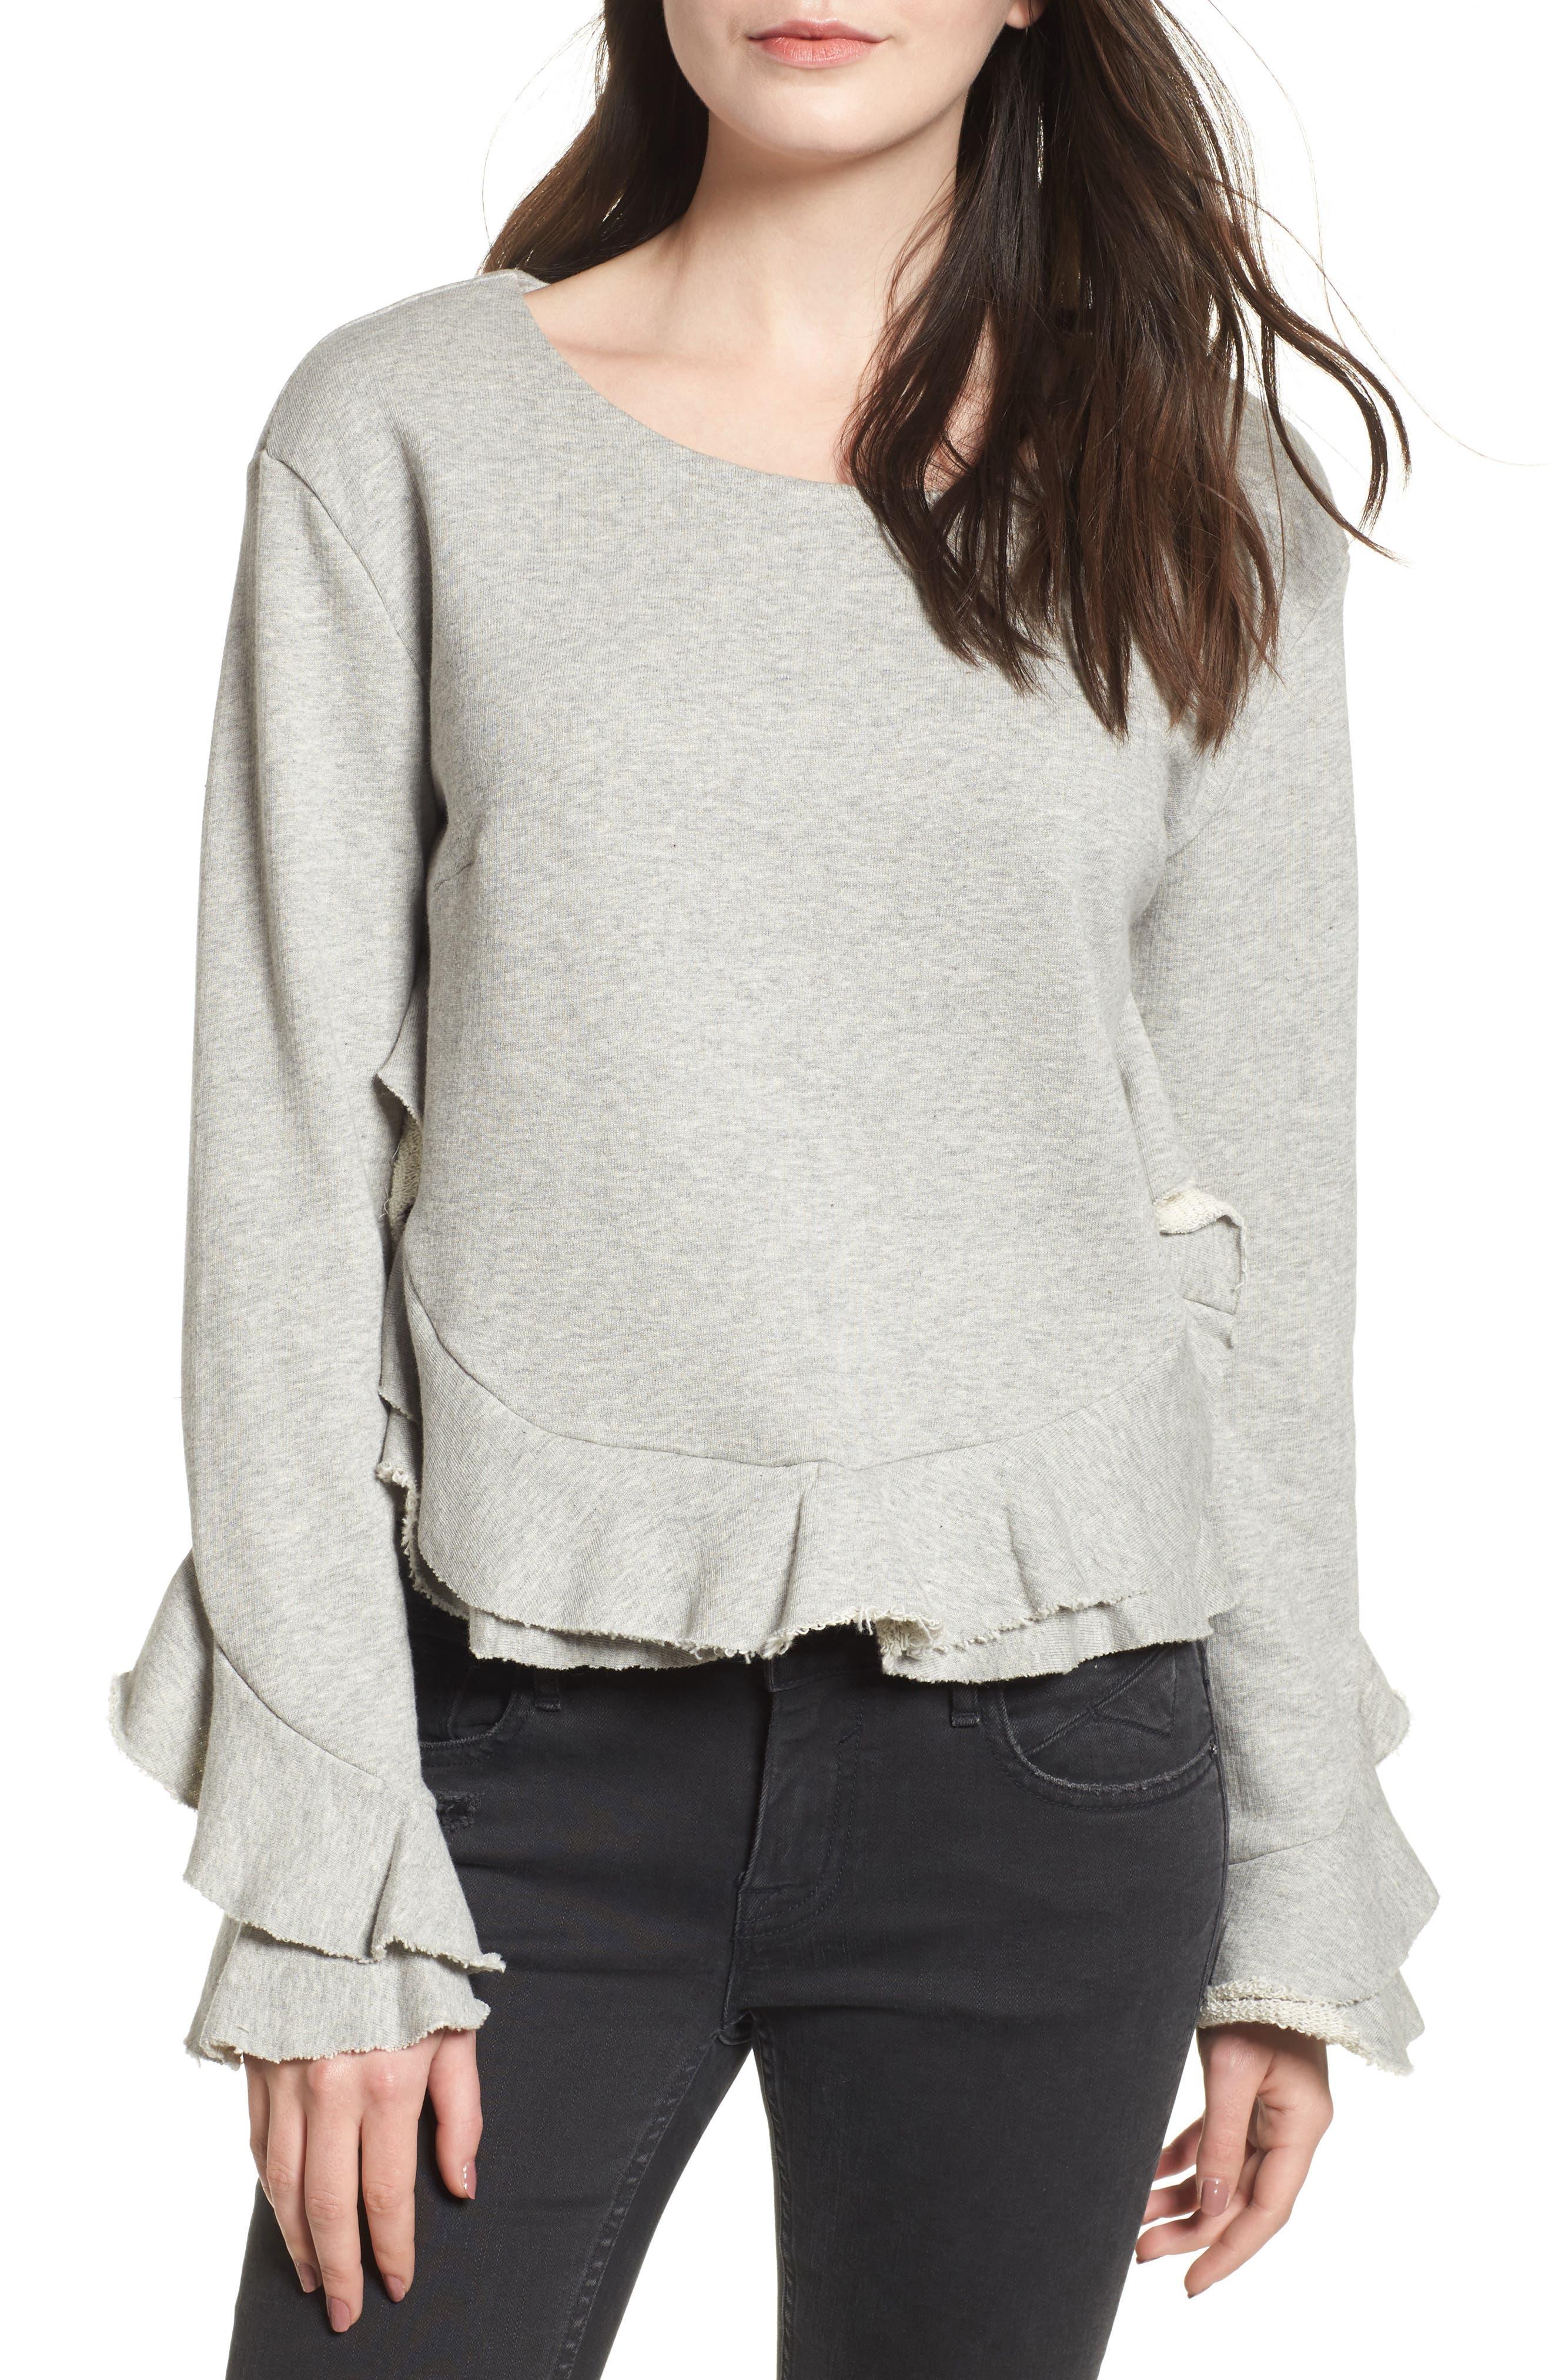 Main Image - CODEXMODE Ruffle Trim Sweatshirt